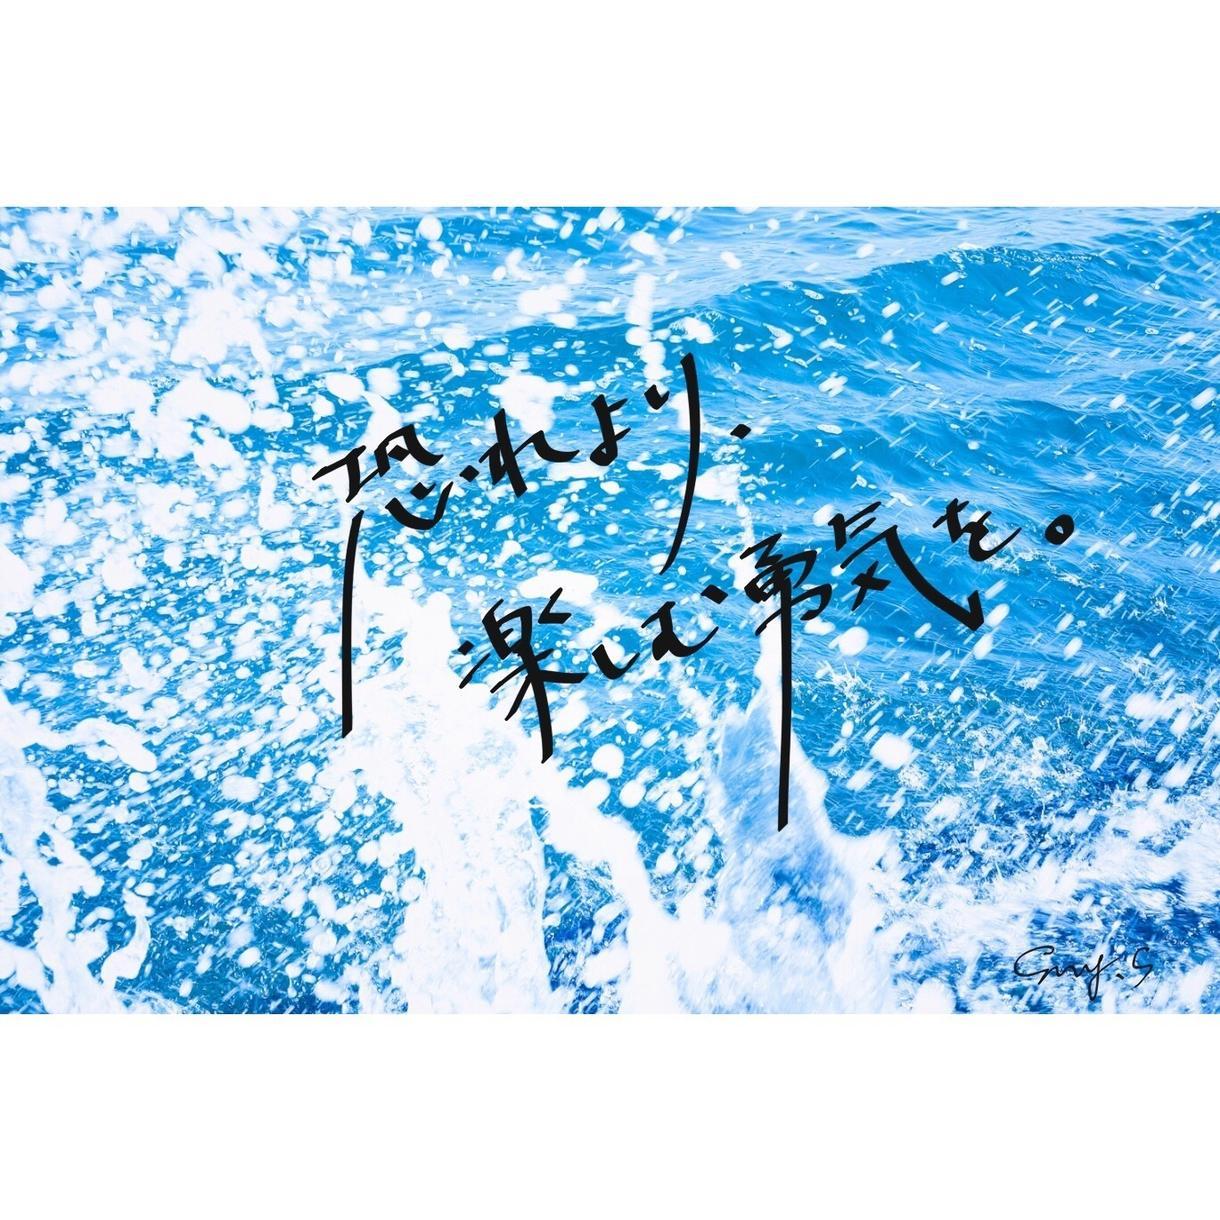 特別価格・心に響く手書き文字をデザインいたします お客様との出会いを繋ぐお手伝い